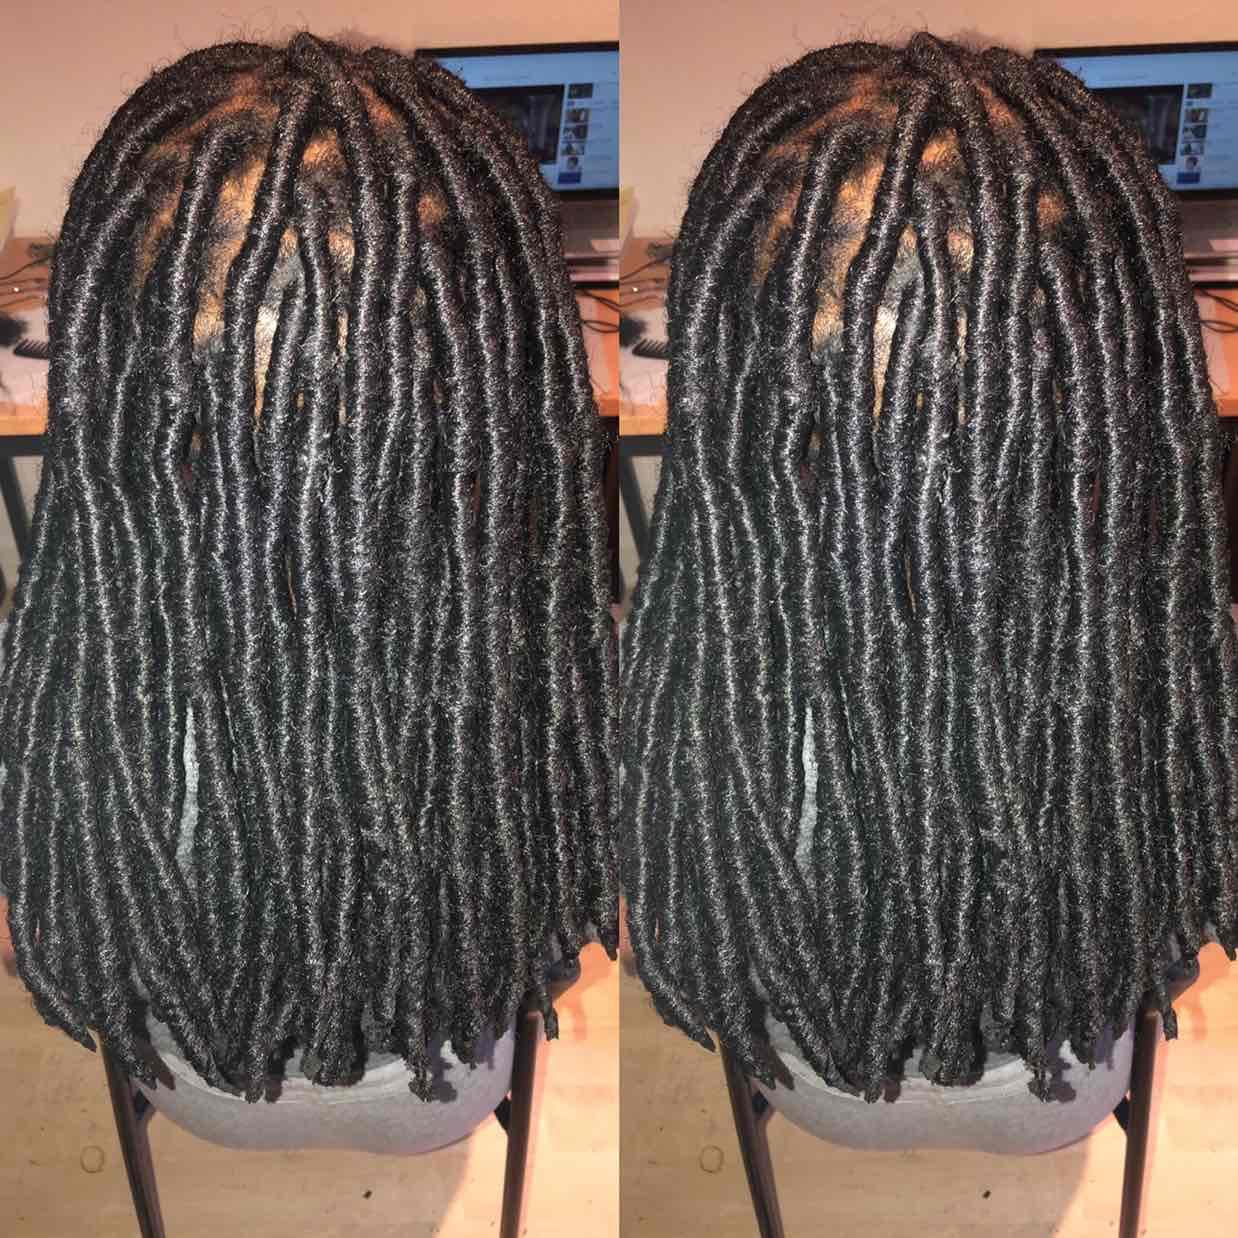 salon de coiffure afro tresse tresses box braids crochet braids vanilles tissages paris 75 77 78 91 92 93 94 95 KQTCETCN